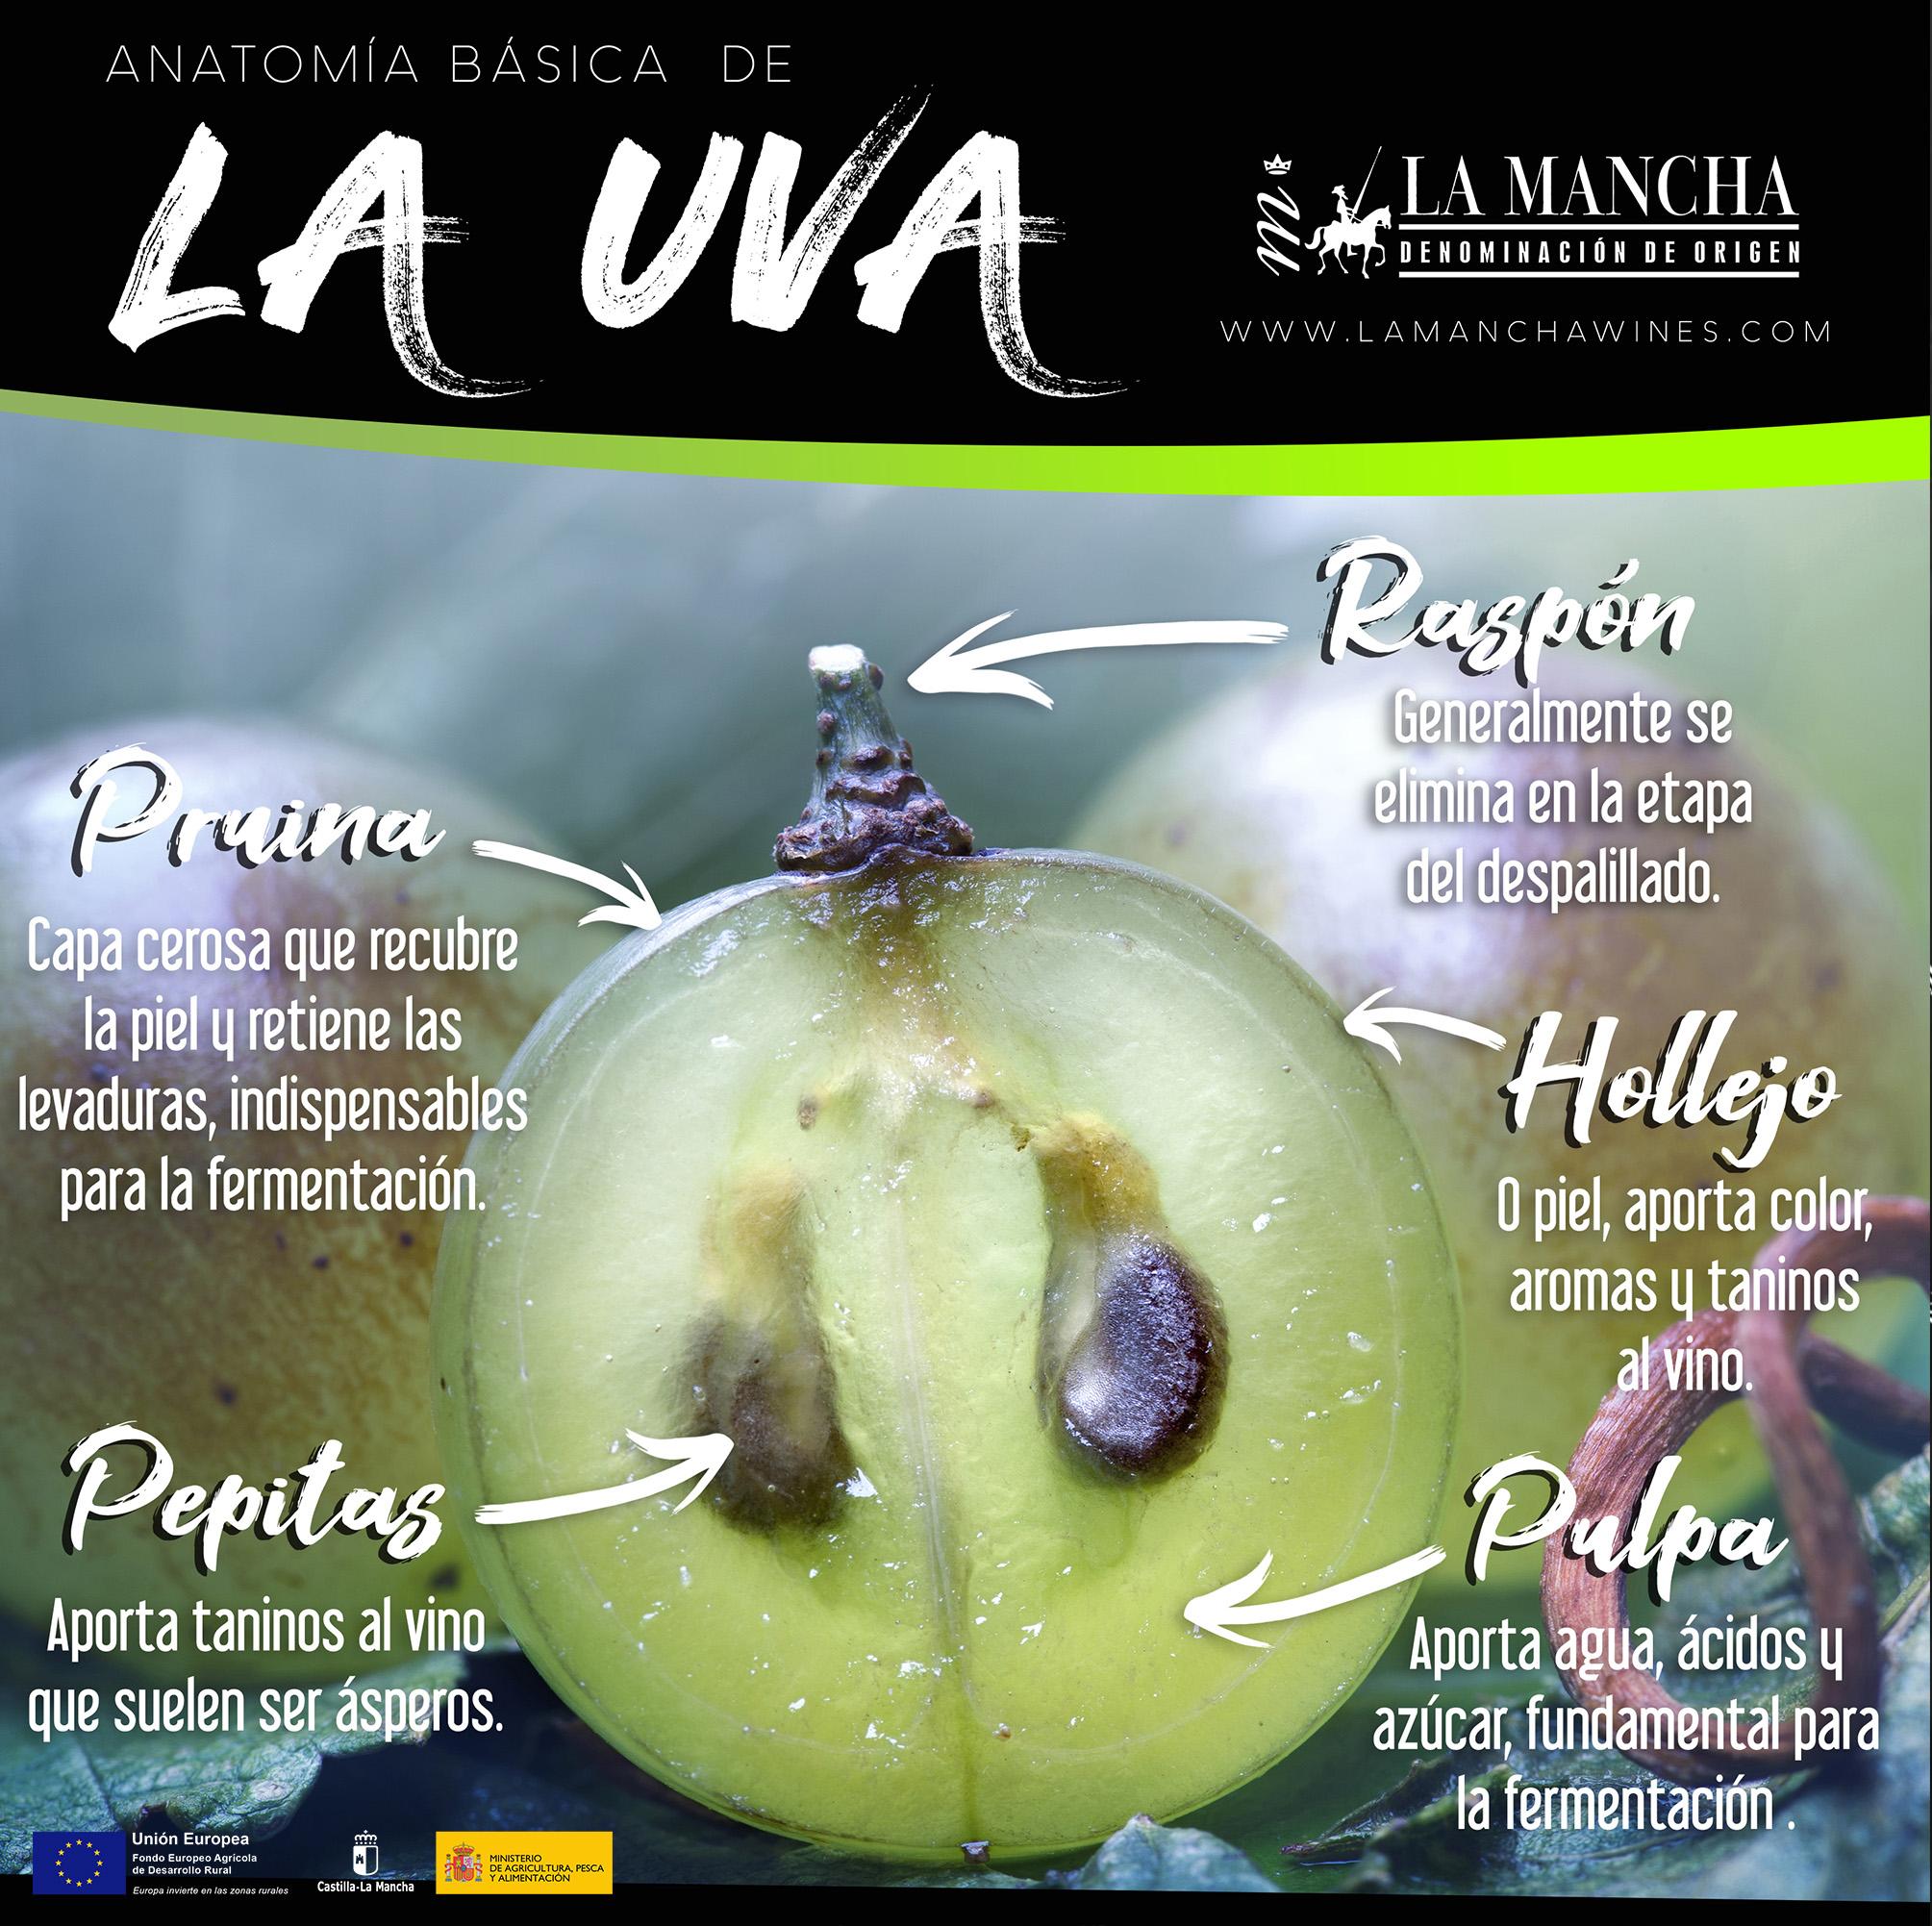 Anatomia-de-LA-UVA